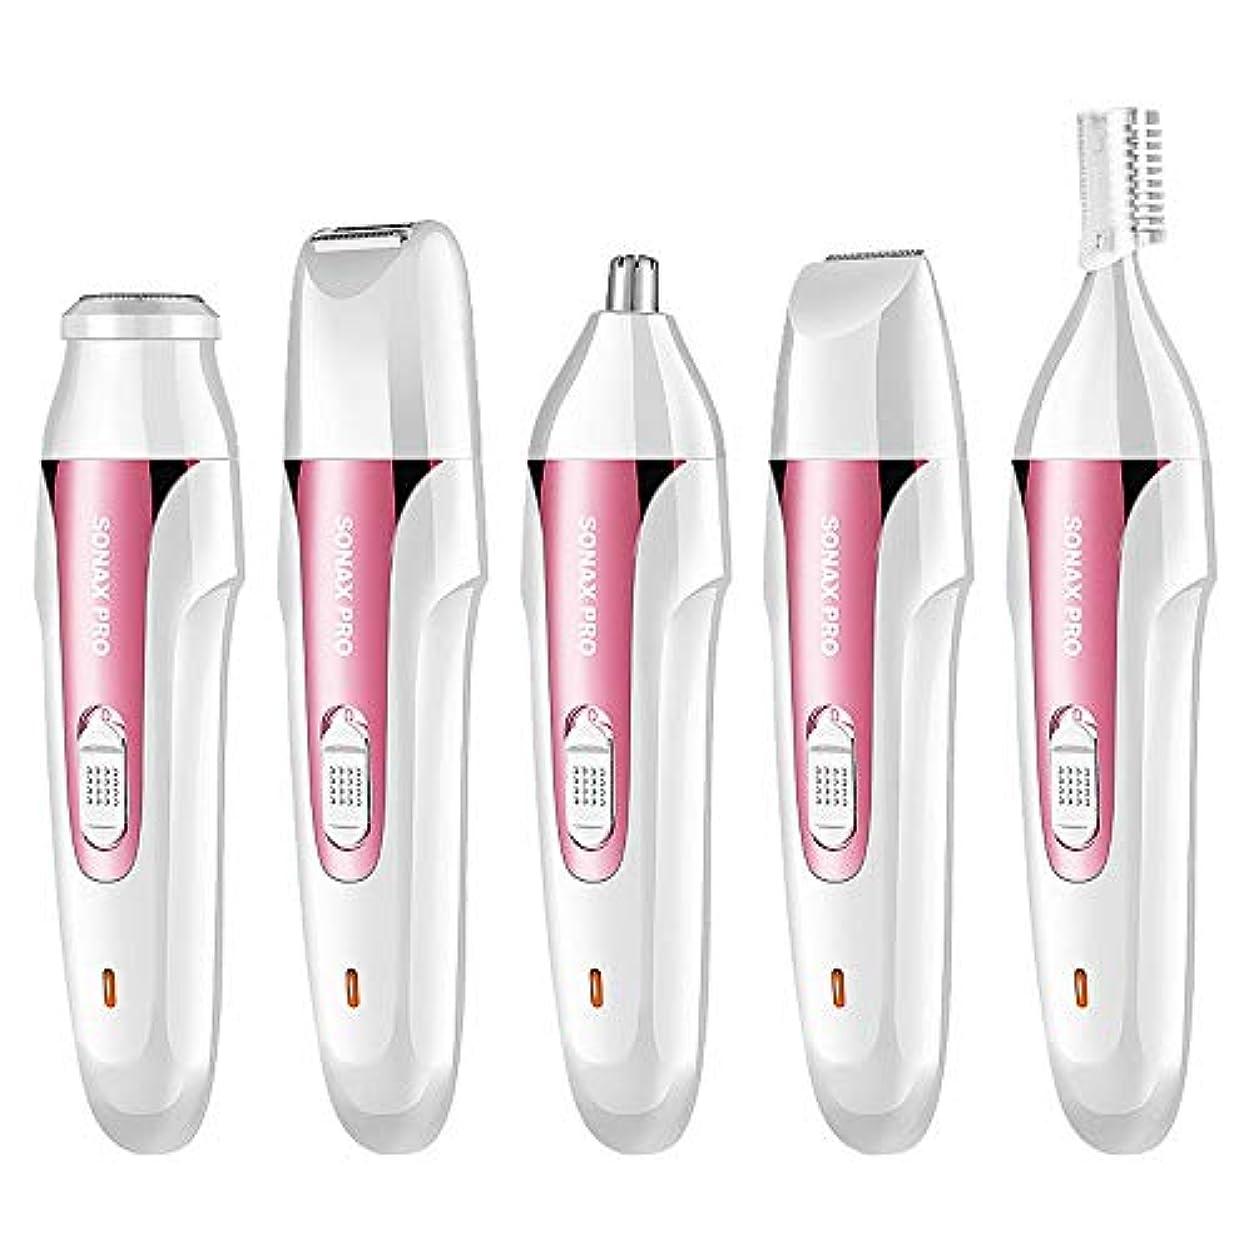 レキシコン強調正午電気鼻耳トリマー、眉毛トリマー、オールインONEヘアーリムーバー女性、無痛カミソリテクノロジー シェービングをお楽しみください (Color : Pink, Size : USB)